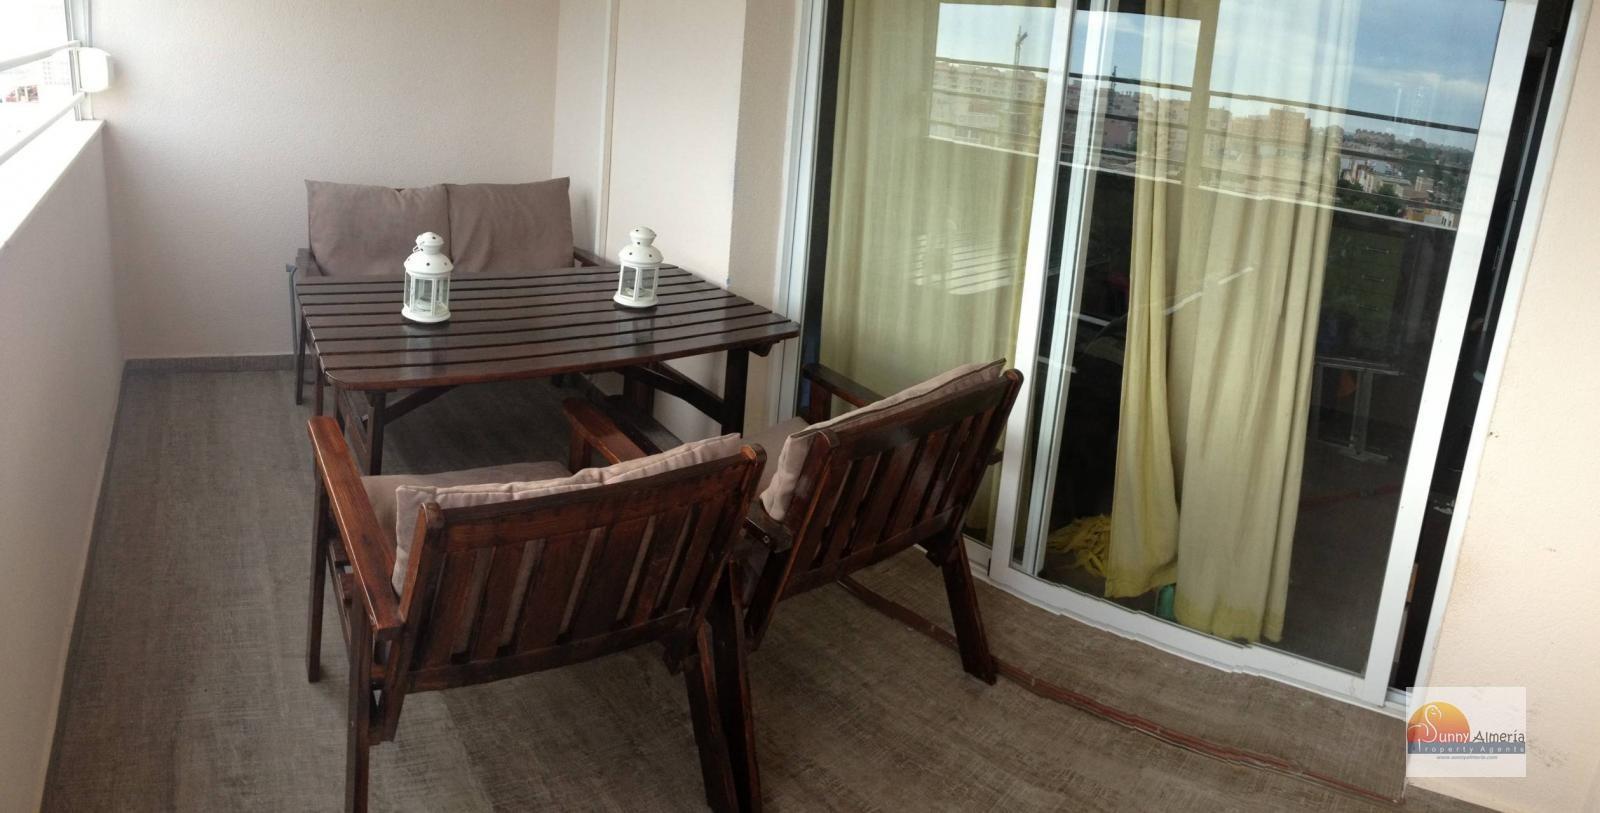 Apartment for rent in av Rosita Ferrer (Roquetas de Mar), 450 €/month